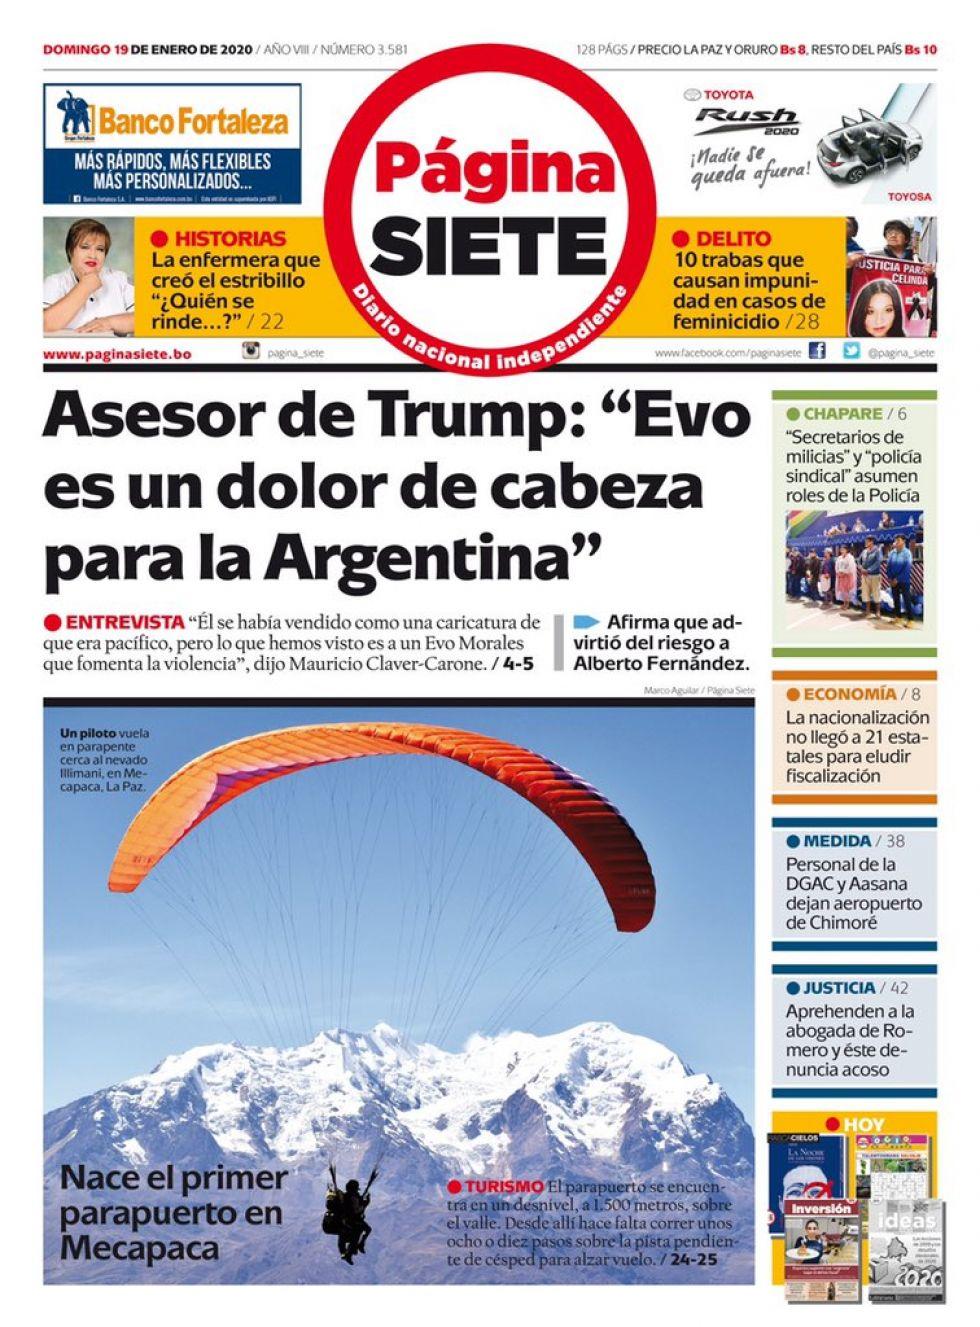 Página Siete, La Paz.